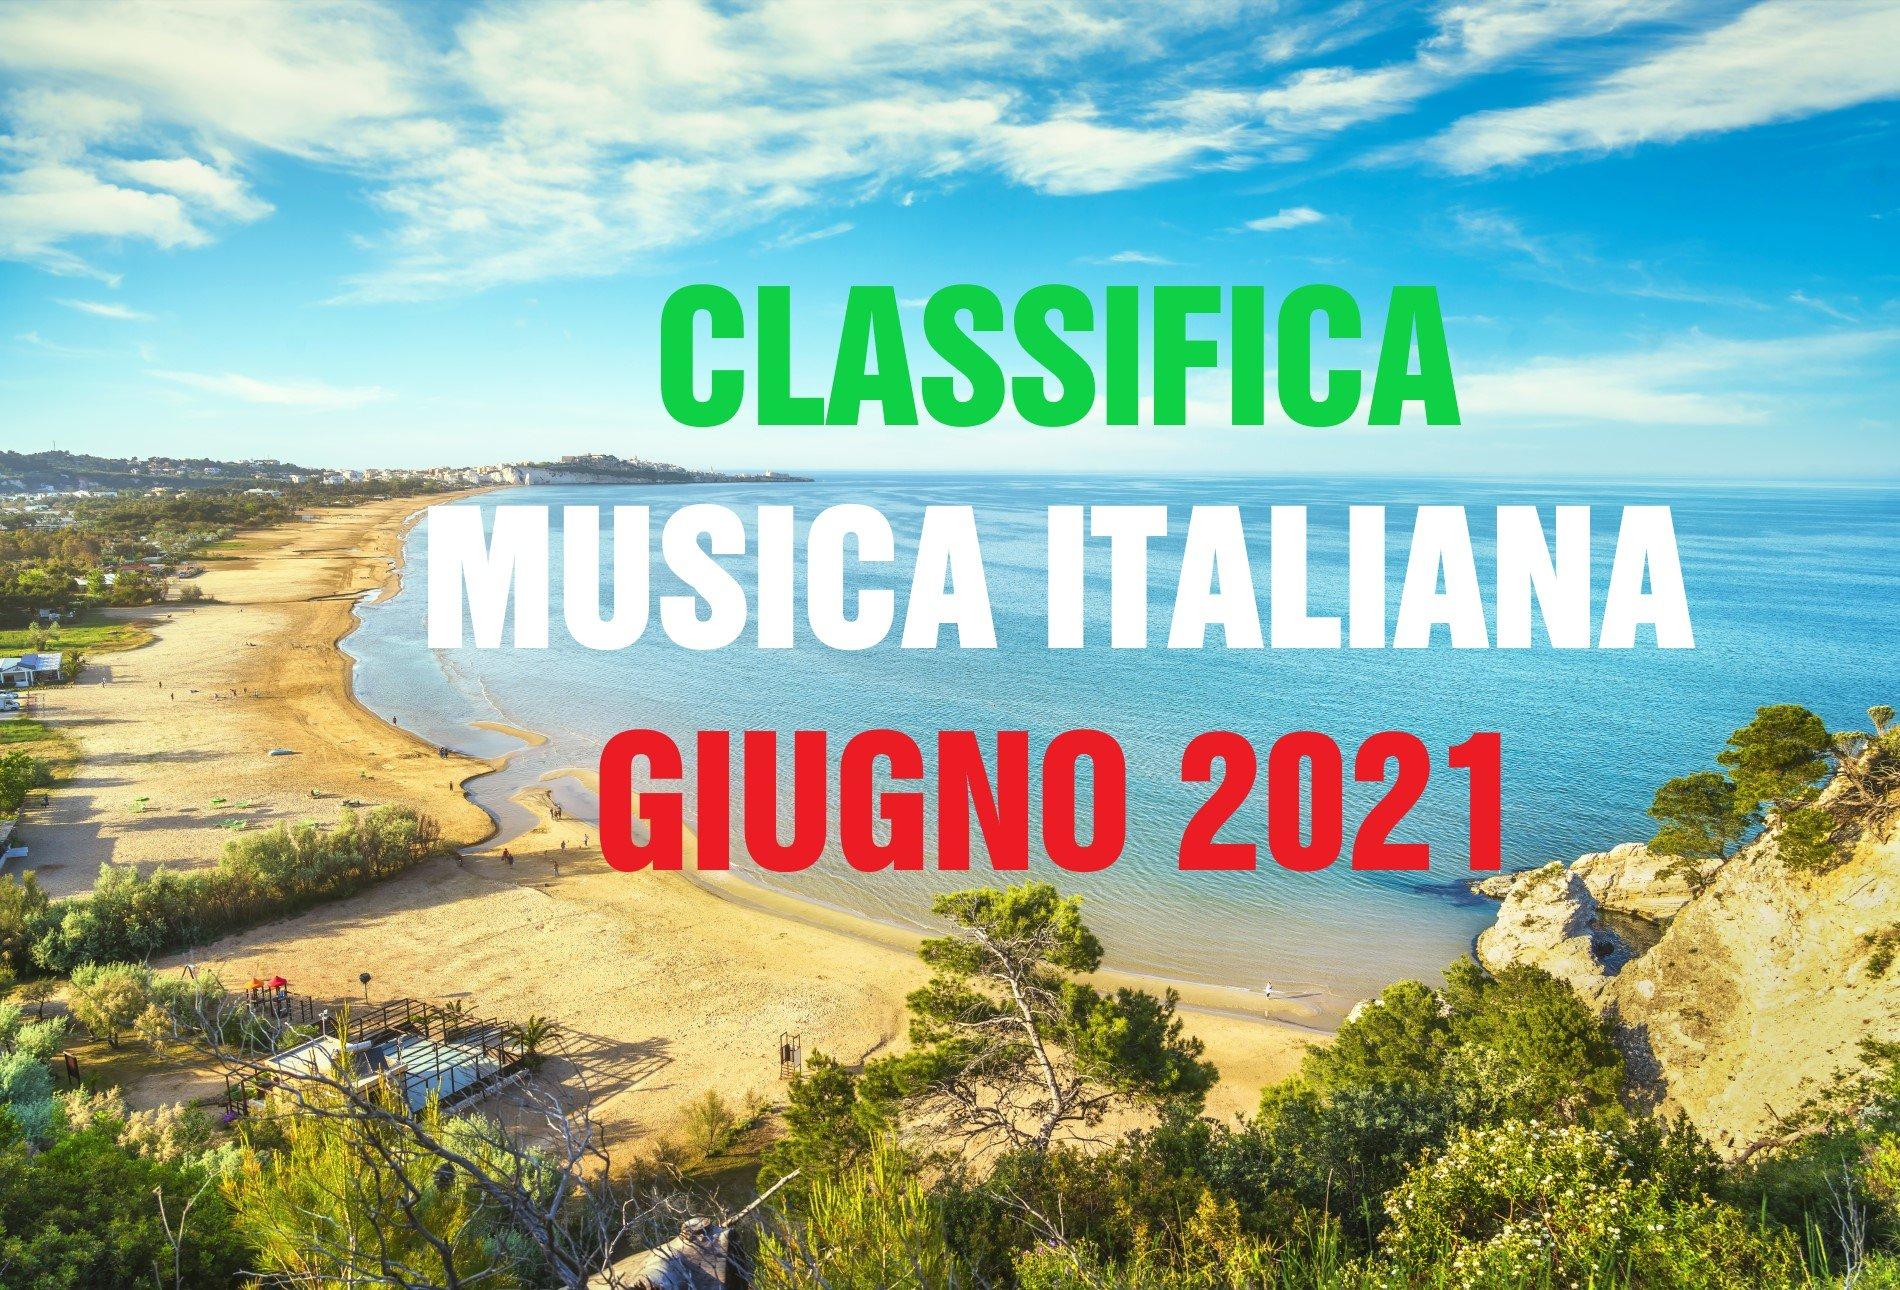 CLASSIFICA MUSICA ITALIANA GIUGNO 2021 – CANZONI ITALIANE GIUGNO 2021